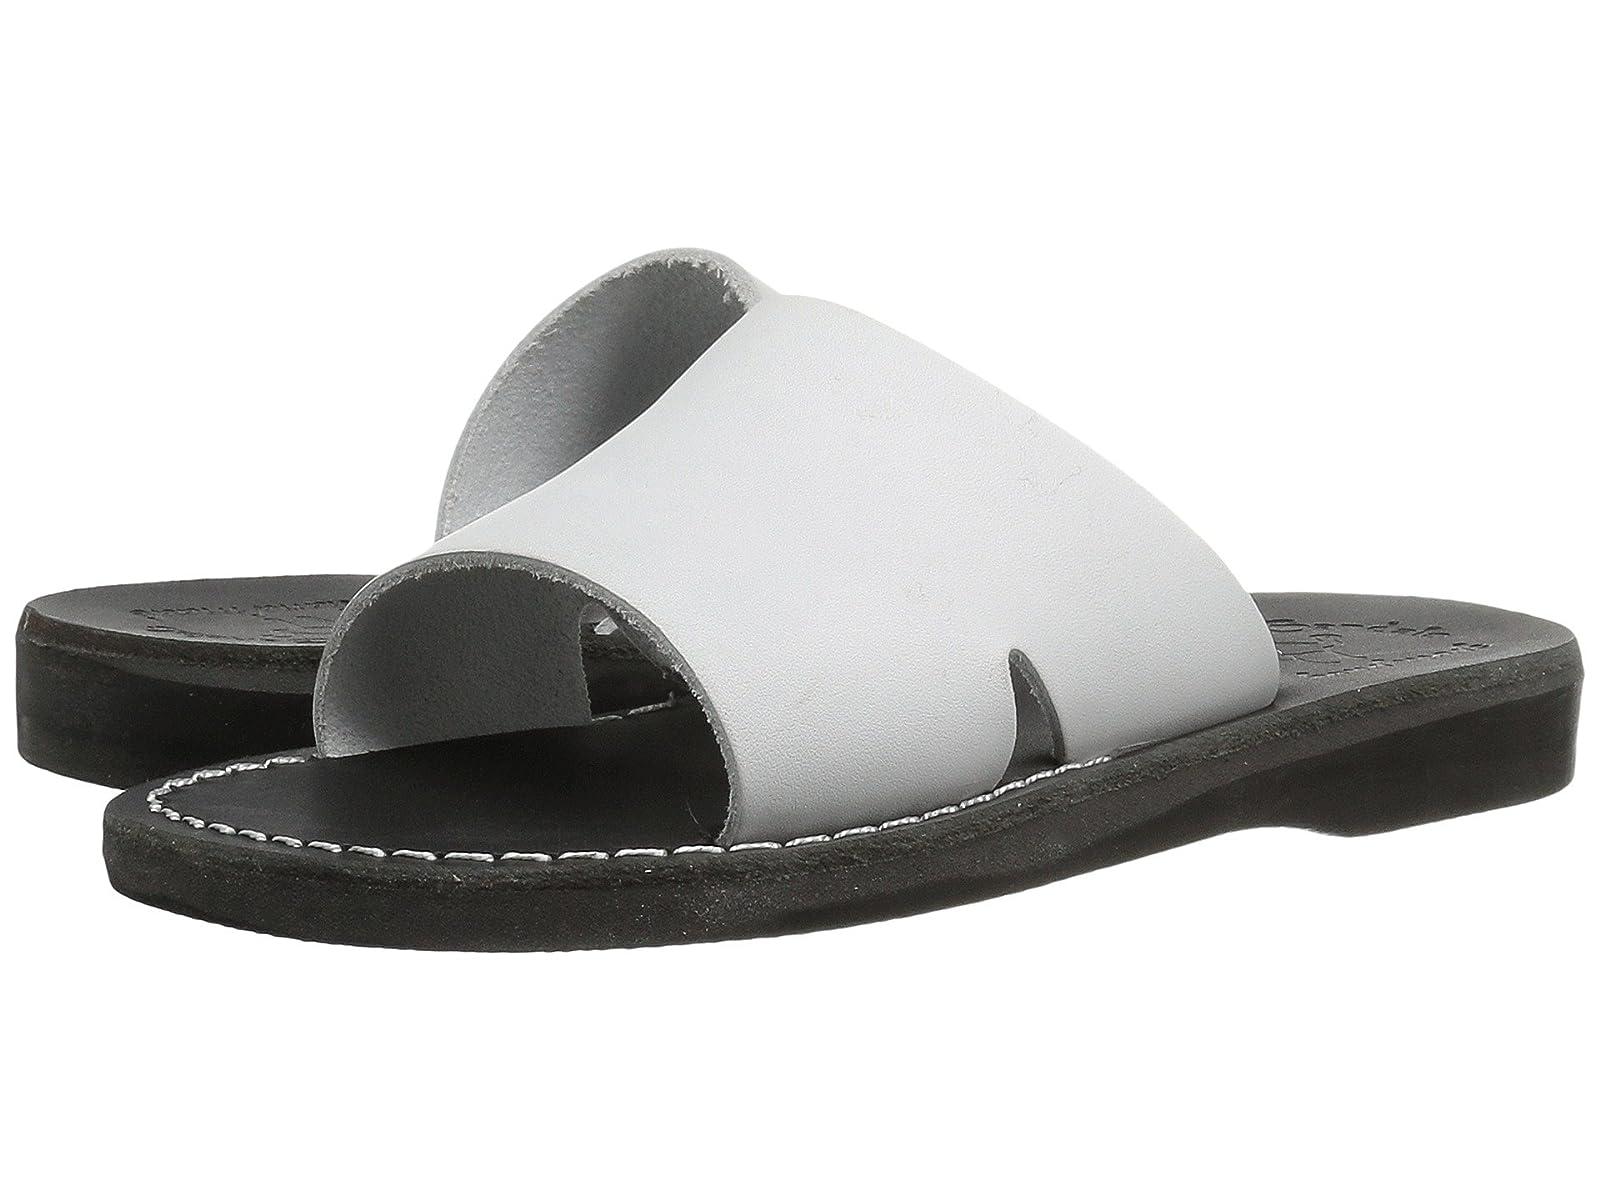 Jerusalem Sandals Bashan - WomensAtmospheric grades have affordable shoes